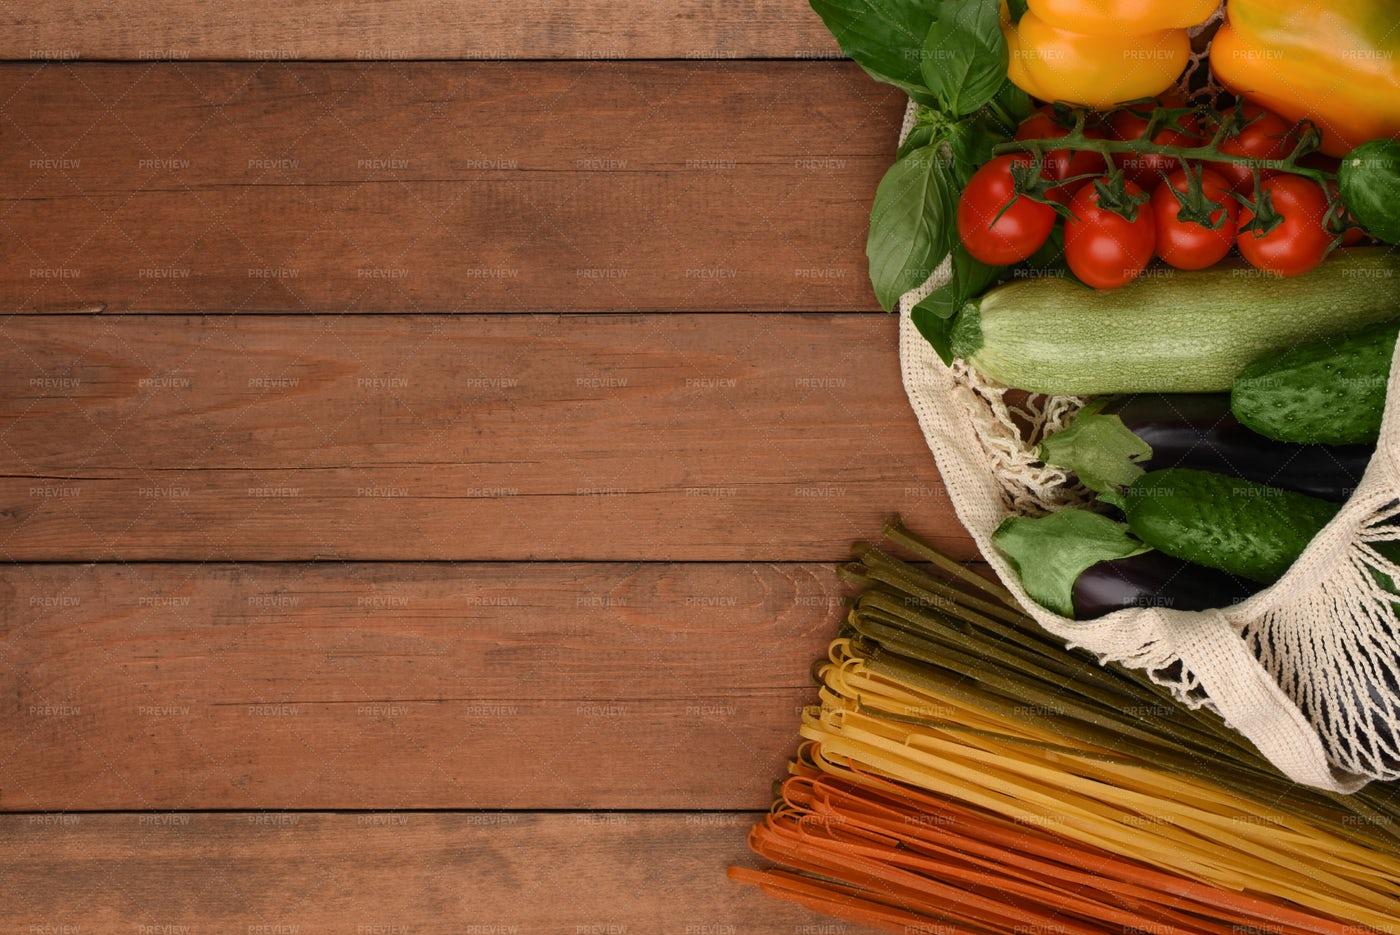 Mesh Bag With Food: Stock Photos